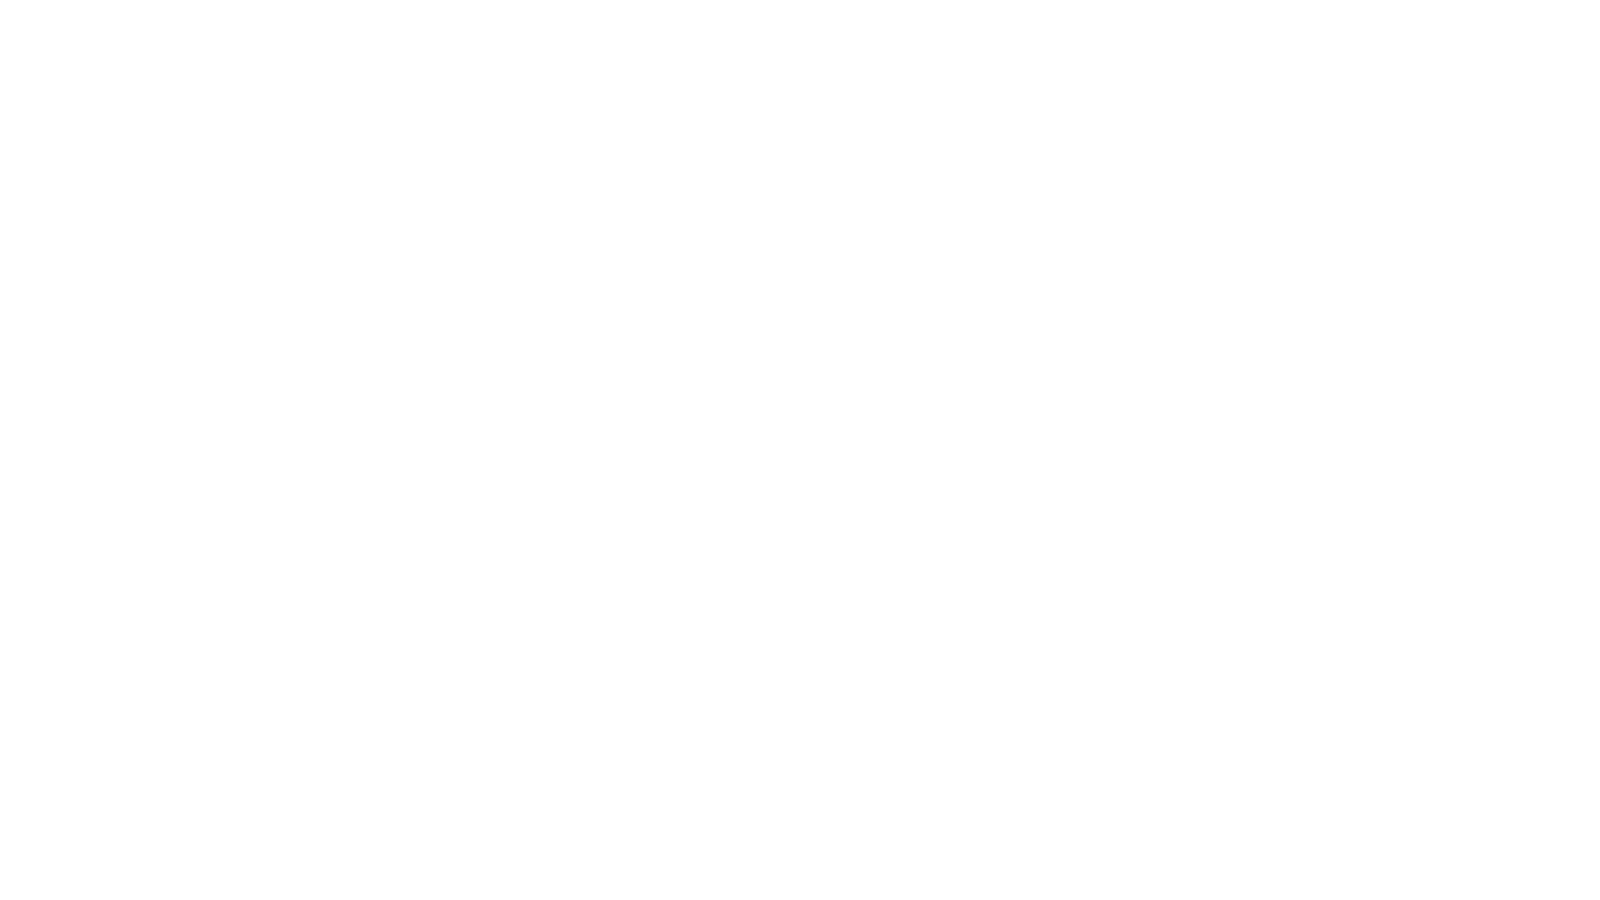 বিশালাকায় তৃণভোজী প্রাণী জলহস্তী আমরা সবাই কমবেশি চিনি। জলহস্তী ইংরেজী নাম (Hippopotamus) হিপোপটেমাস। আফ্রিকার একটি তৃণভোজী স্তন্যপায়ী প্রাণী। পানিতে নেমে জলজ উদ্ভিদ খায়। পানির অন্যতম বড় চারপেয়ে প্রাণী এরা। তবে জলহস্তী মূলত একটি উভচর প্রাণী। এদের রিভার হর্স বলা হয়। দিনে জলে এবং রাতে ডাঙায় থাকে। স্থলচর স্তন্যপায়ী প্রাণীর মধ্যে আকারে তৃতীয় বৃহত্তম। স্থল বা ডাঙার সবচেয়ে ভারী ১০টি প্রাণীর একটি জলহস্তী। এটি সর্বোচ্চ সাত হাজার ১০০ পাউন্ড (তিন হাজার ৪০০ কেজি) পর্যন্ত ওজনের হয়। জলহস্তীর গড় ওজন পাঁচ হাজার ২৫০ পাউন্ড (দুই হাজার ৫০০ কেজি)। এ প্রাণীর গড় দৈর্ঘ্য প্রায় ১১ ফুট।  জলহস্তীদের আয়ুষ্কাল ৪০ বছর। সাধারণত ছয় থেকে সাত বছর বয়সে বয়োপ্রাপ্ত হয়। সাত মাস পেটে ধারণ করার পর এরা একটি বাচ্চা দেয়।   পানিতে ডুবে থাকতে পছন্দ করে তারা। মুখ হা করলে দেড়শ' সে.মি. পর্যন্ত খুলে যায়। নিচের দু'টি ছেদন দাঁত ১৮ ইঞ্চি পর্যন্ত লম্বা হয়। এটি মূলত তৃণভোজী হলেও স্বভাবে বেশ আক্রমণাত্মক হয়, বিশেষ করে কম বয়সী বাচ্চার আশপাশে কাউকে দেখলে তারা খেপে ওঠে। তাই পানি ও জলহস্তীর মাঝামাঝি কখনও যেতে নেই।  জলহস্তী সম্পর্কে প্রচলিত একটি মজার ধারণা রয়েছে। বলা হয়, এরা যখন হতাশ হয় বা কোনো বিশেষ কারণে বেশি কষ্ট পায় তখন এদের শরীর থেকে ঘামের পরিবর্তে রক্ত ঝরে। এ ধারণা প্রচলিত থাকলেও বিষয়টি সঠিক নয়। আসলে জলহস্তীর শরীরে থাকা মিউকাস জাতীয় এক ধরনের তেলতেলে পদার্থ নির্গত হয়। একে রেড অয়েলও বলে। এটা ঘামের সঙ্গে মিশে বাতাসের সংস্পর্শে এলে লাল রং ধারণ করে। এই লাল রং মূলত ময়শ্চোরাইজার, সূর্যের আলো প্রতিরোধ করে এবং জীবাণু থেকে রক্ষা করে। ভারী শরীর নিয়েও এরা ঘণ্টায় ৩০ কিলোমিটার গতিতে ছুটতে পারে।  জলহস্তীরাও অনিয়ন্ত্রিত শিকার এবং চোরাশিকারের কবলে পড়ে হারিয়ে যেতে বসেছে। ২০০৬ সালের মে মাসে জলহস্তীকে আইইউসিএন লাল তালিকায় একটি সংকটাপন্ন প্রজাতি হিসেবে সংরক্ষণের জন্য চিহ্নিত করে ছিল। তখন জলহস্তীর মোট সংখ্যা ছিল ১,২৫,০০০ থেকে ১,৫০,০০০ এর মধ্যে, আইইউসিএন ১৯৯৬ সালের পর থেকে এই বিষয়ে অধ্যয়ন করে চিহ্নিত করেছিল যে এদের আনুমানিক সংখ্যা ৭% থেকে ২০% পর্যন্ত কমেছে। তখন জাম্বিয়ায় (৪০,০০০) এবং তাঞ্জানিয়ায় (২০,০০০-৩০,০০০) সদস্যের বৃহত্তম জনগোষ্ঠী এই দুই দেশে ছিলো।